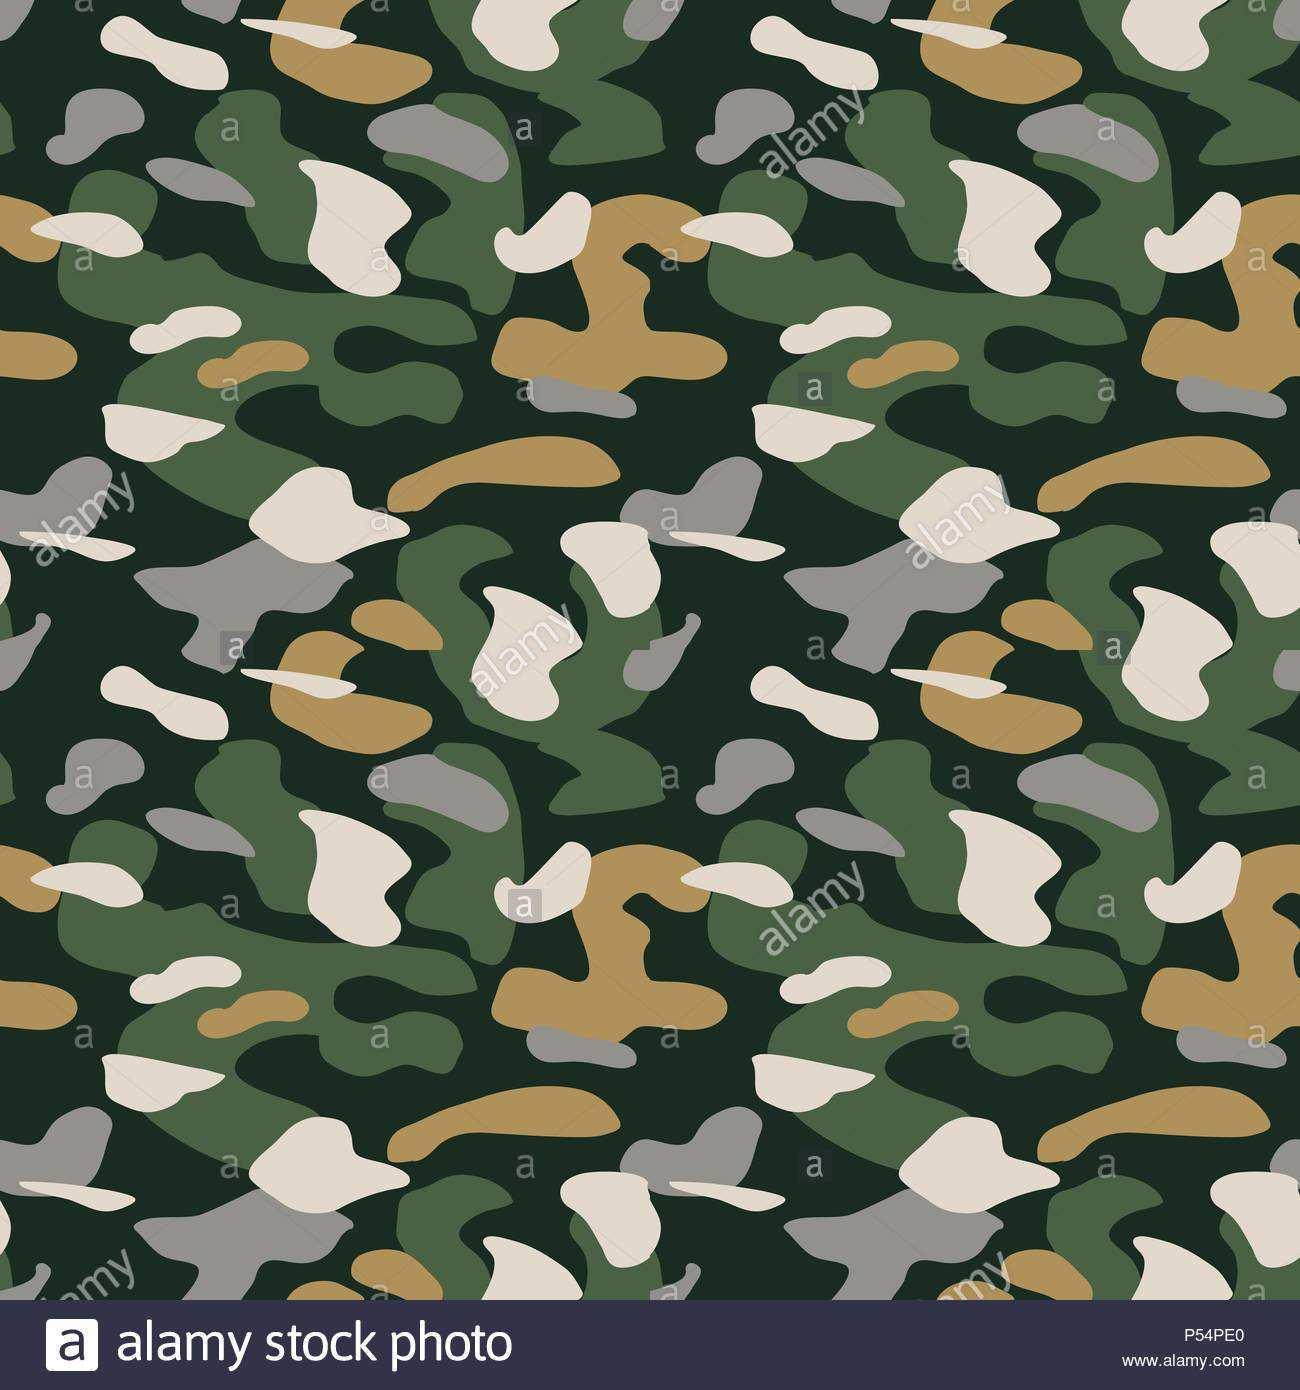 Camouflage Muster Hintergrund Nahtlose Vektor Illustration Klassische Militarische Kleidung Stil Camo Textur Shirt Wiederholen Grun Braun Schwarz Grau N Stock Vektorgrafik Alamy